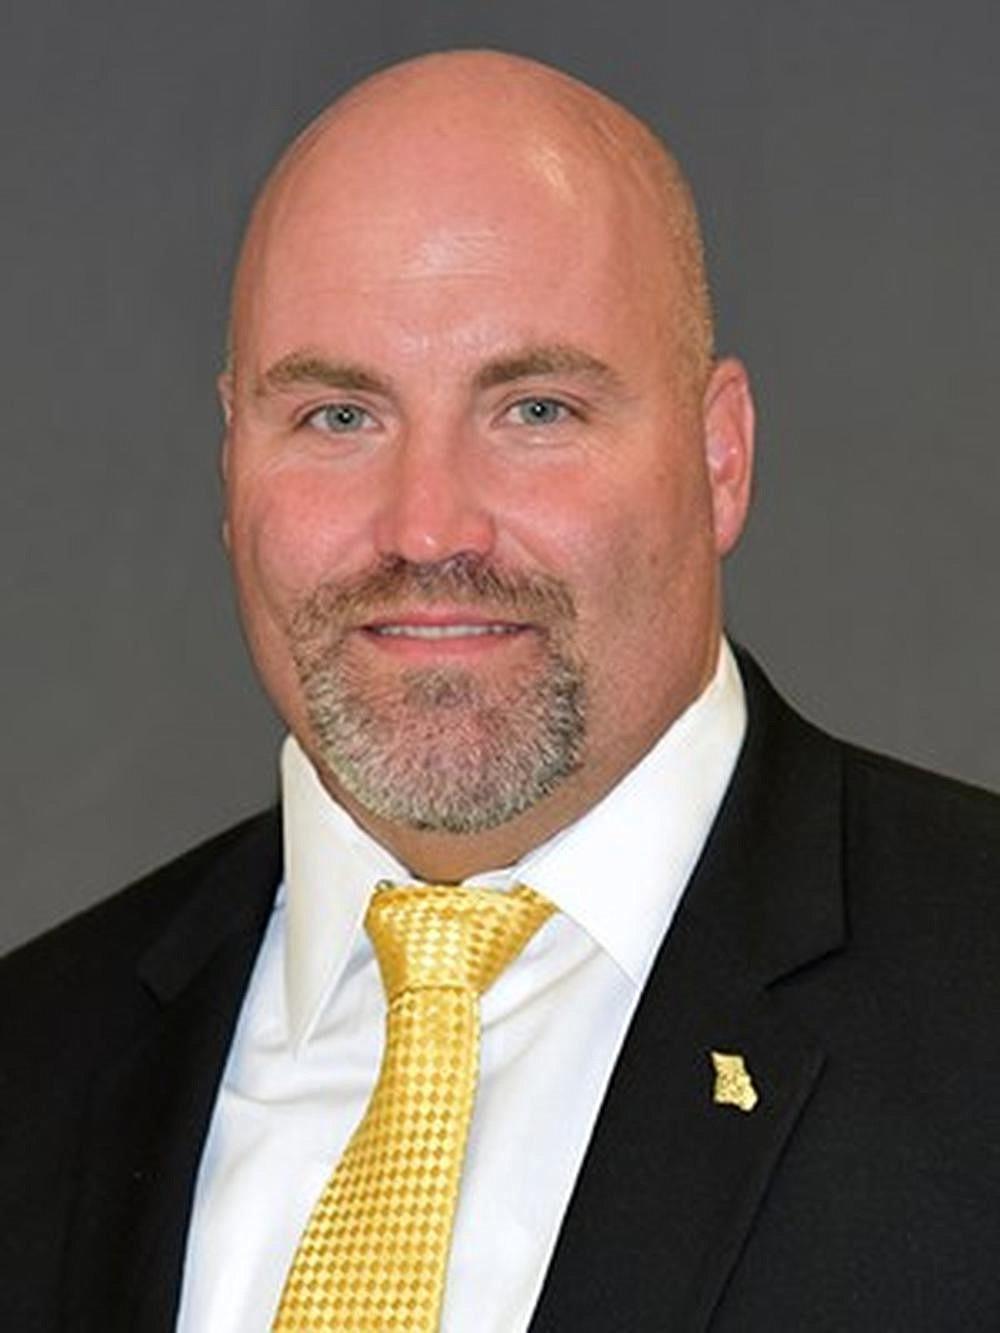 Missouri Western Coach Matt Williamson is shown in this photo.